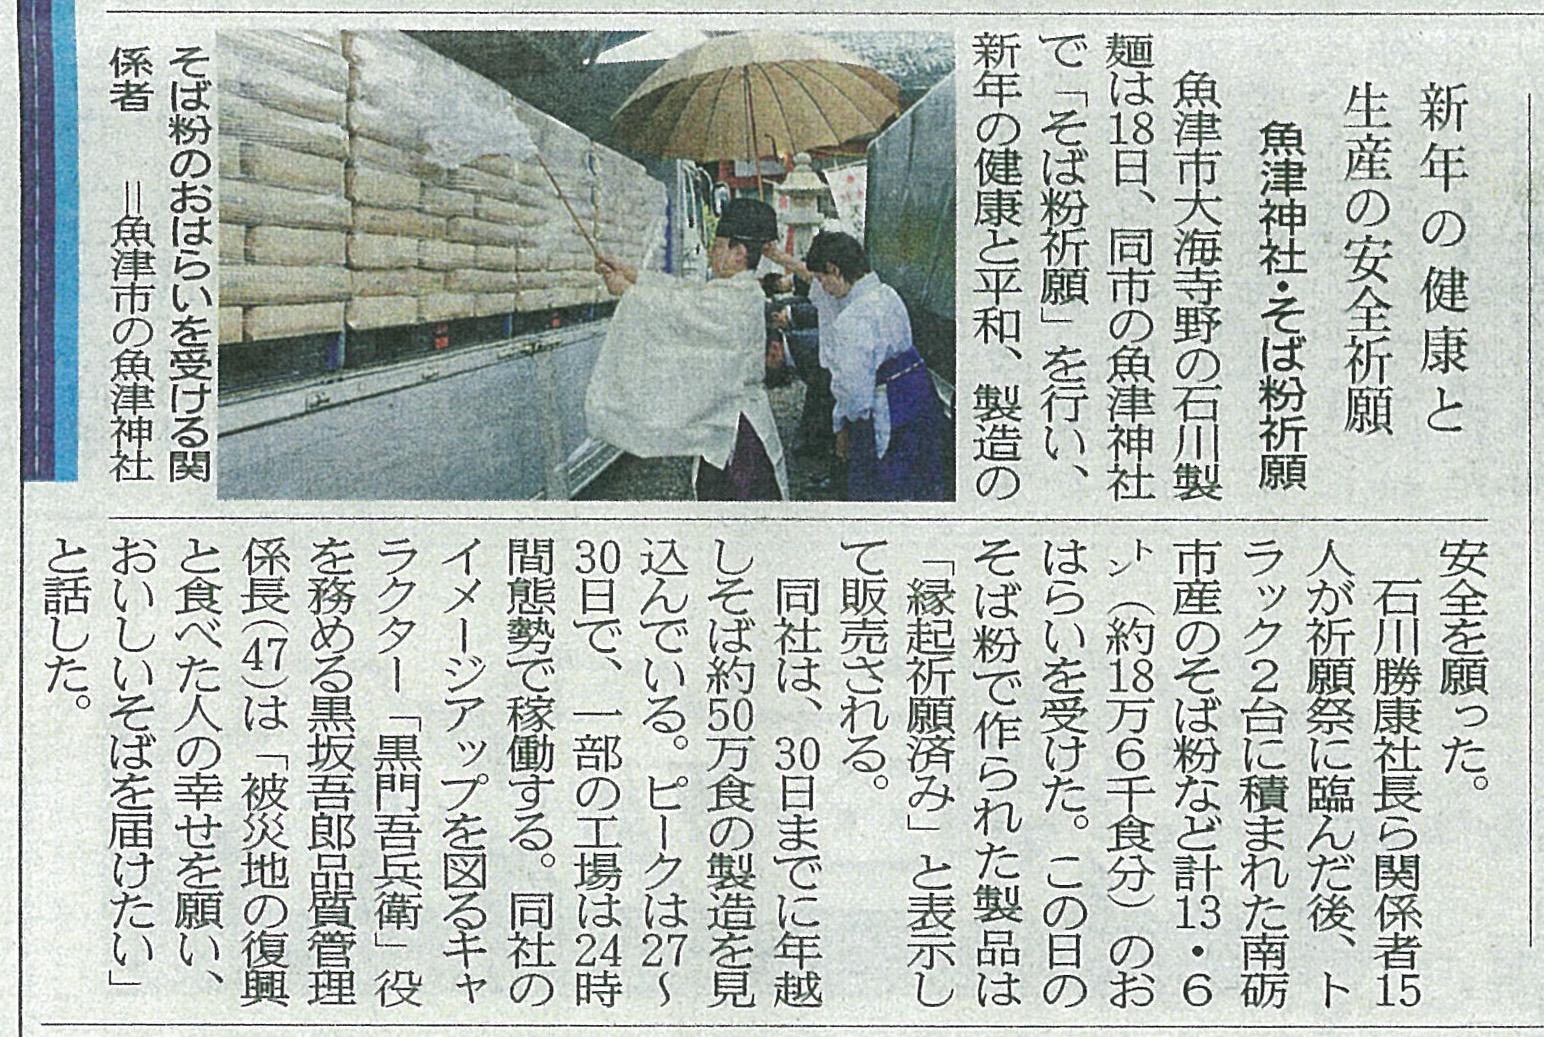 富山新聞記事